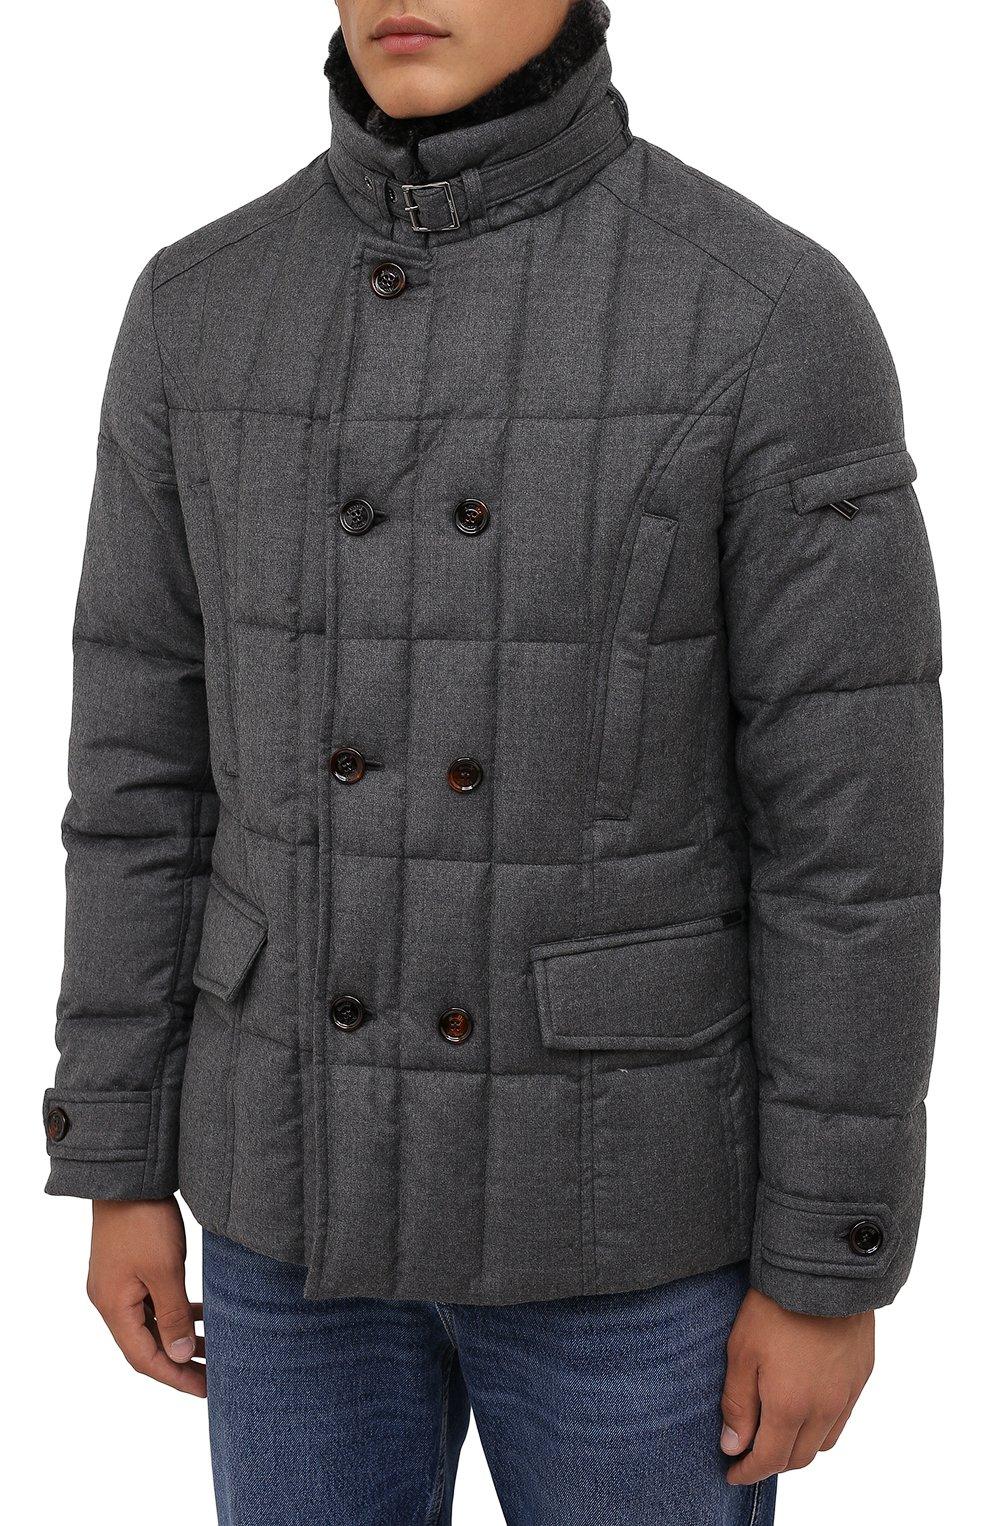 Мужская пуховая куртка с меховой отделкой siro-l MOORER серого цвета, арт. SIR0-L/M0UGI100276-TEPA217   Фото 3 (Кросс-КТ: Куртка; Мужское Кросс-КТ: пуховик-короткий; Материал внешний: Шерсть; Рукава: Длинные; Длина (верхняя одежда): До середины бедра; Стили: Классический; Материал подклада: Синтетический материал; Материал утеплителя: Пух и перо)